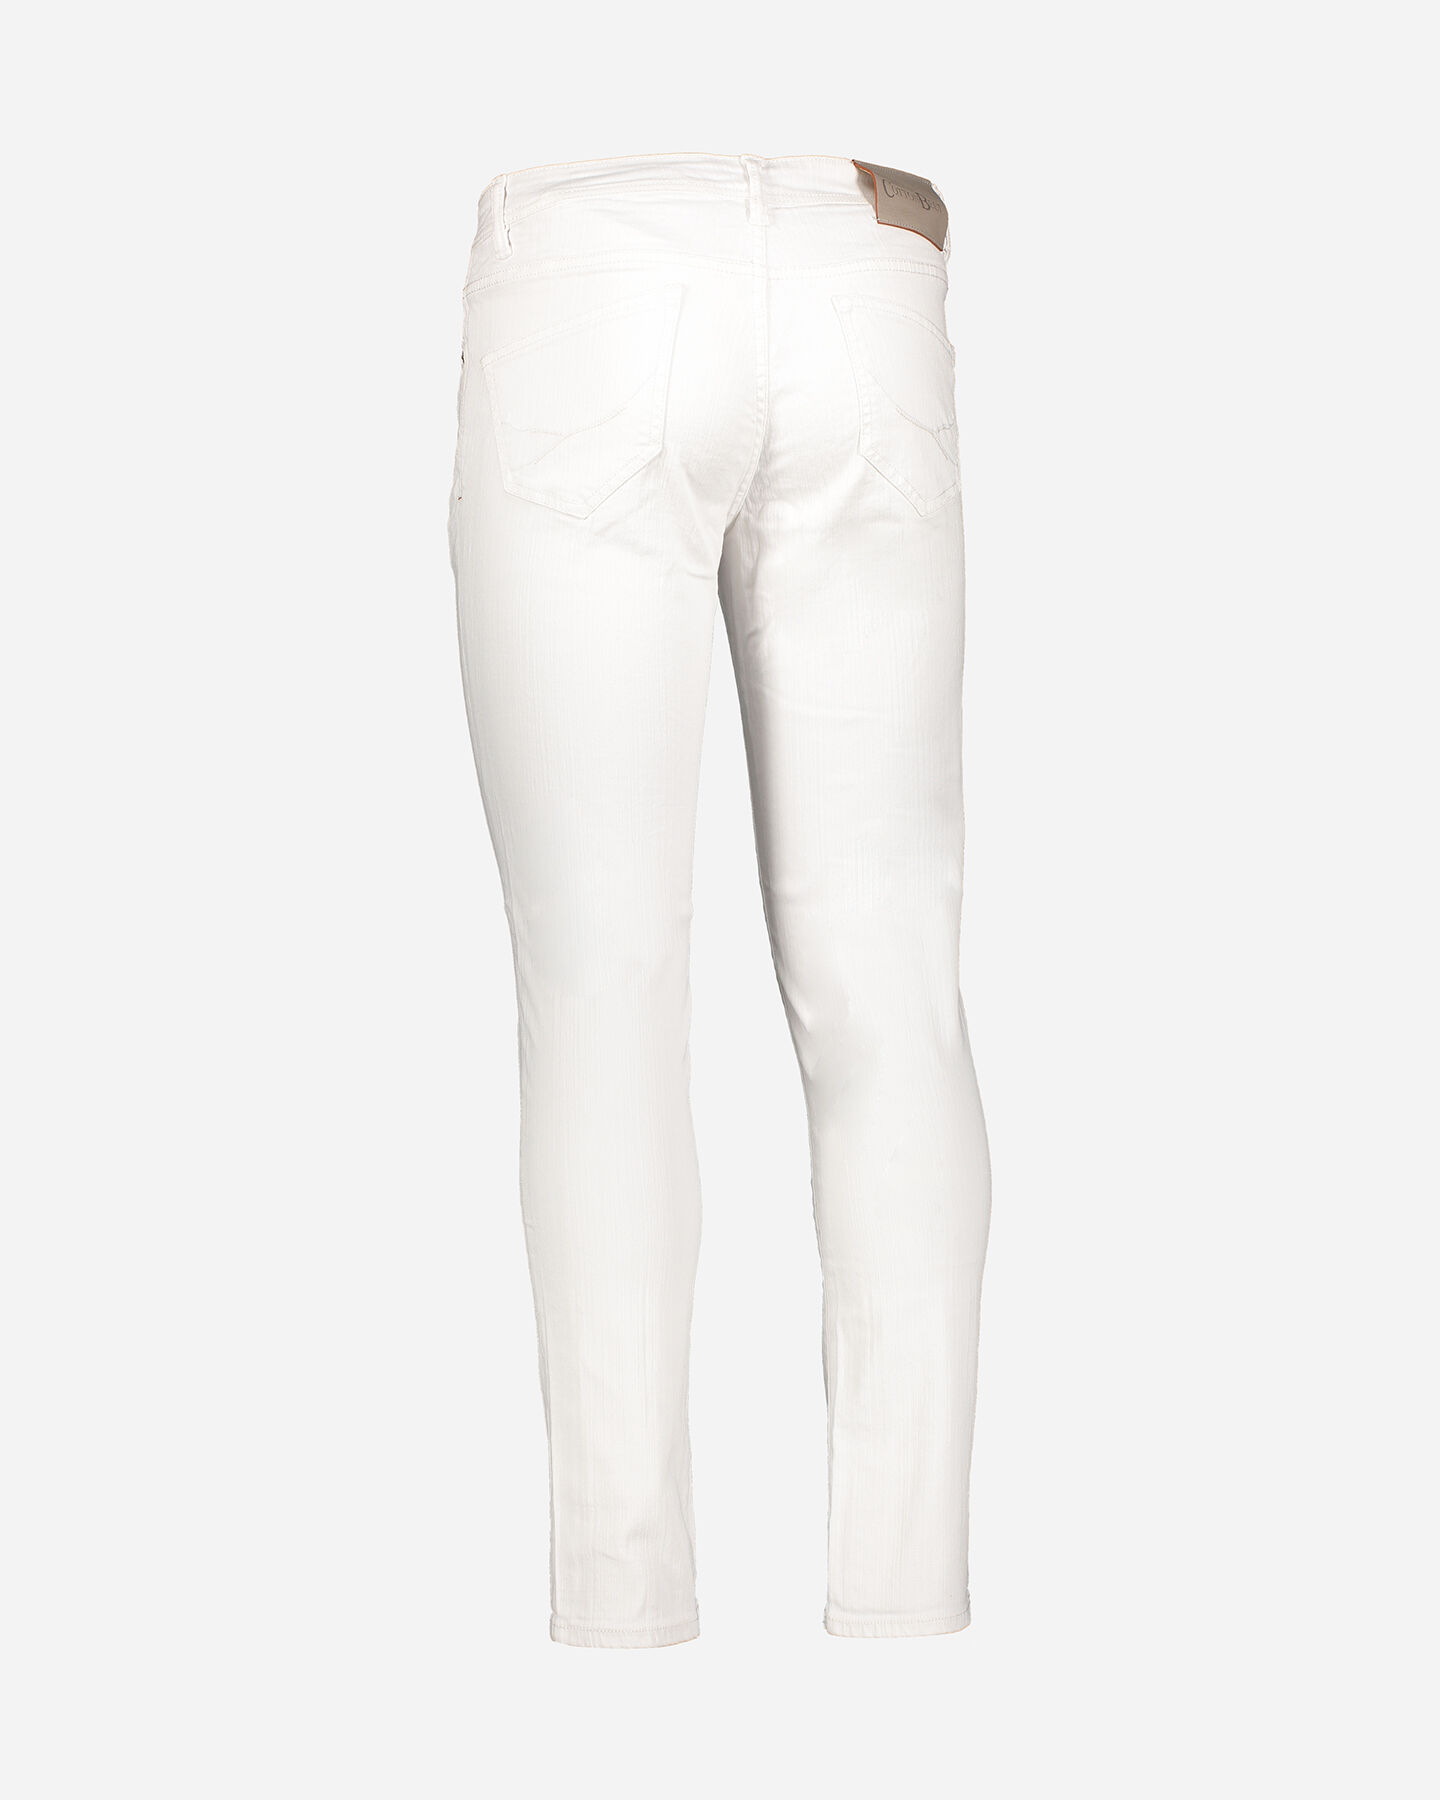 Pantalone COTTON BELT 5 TS M S5182779 scatto 2